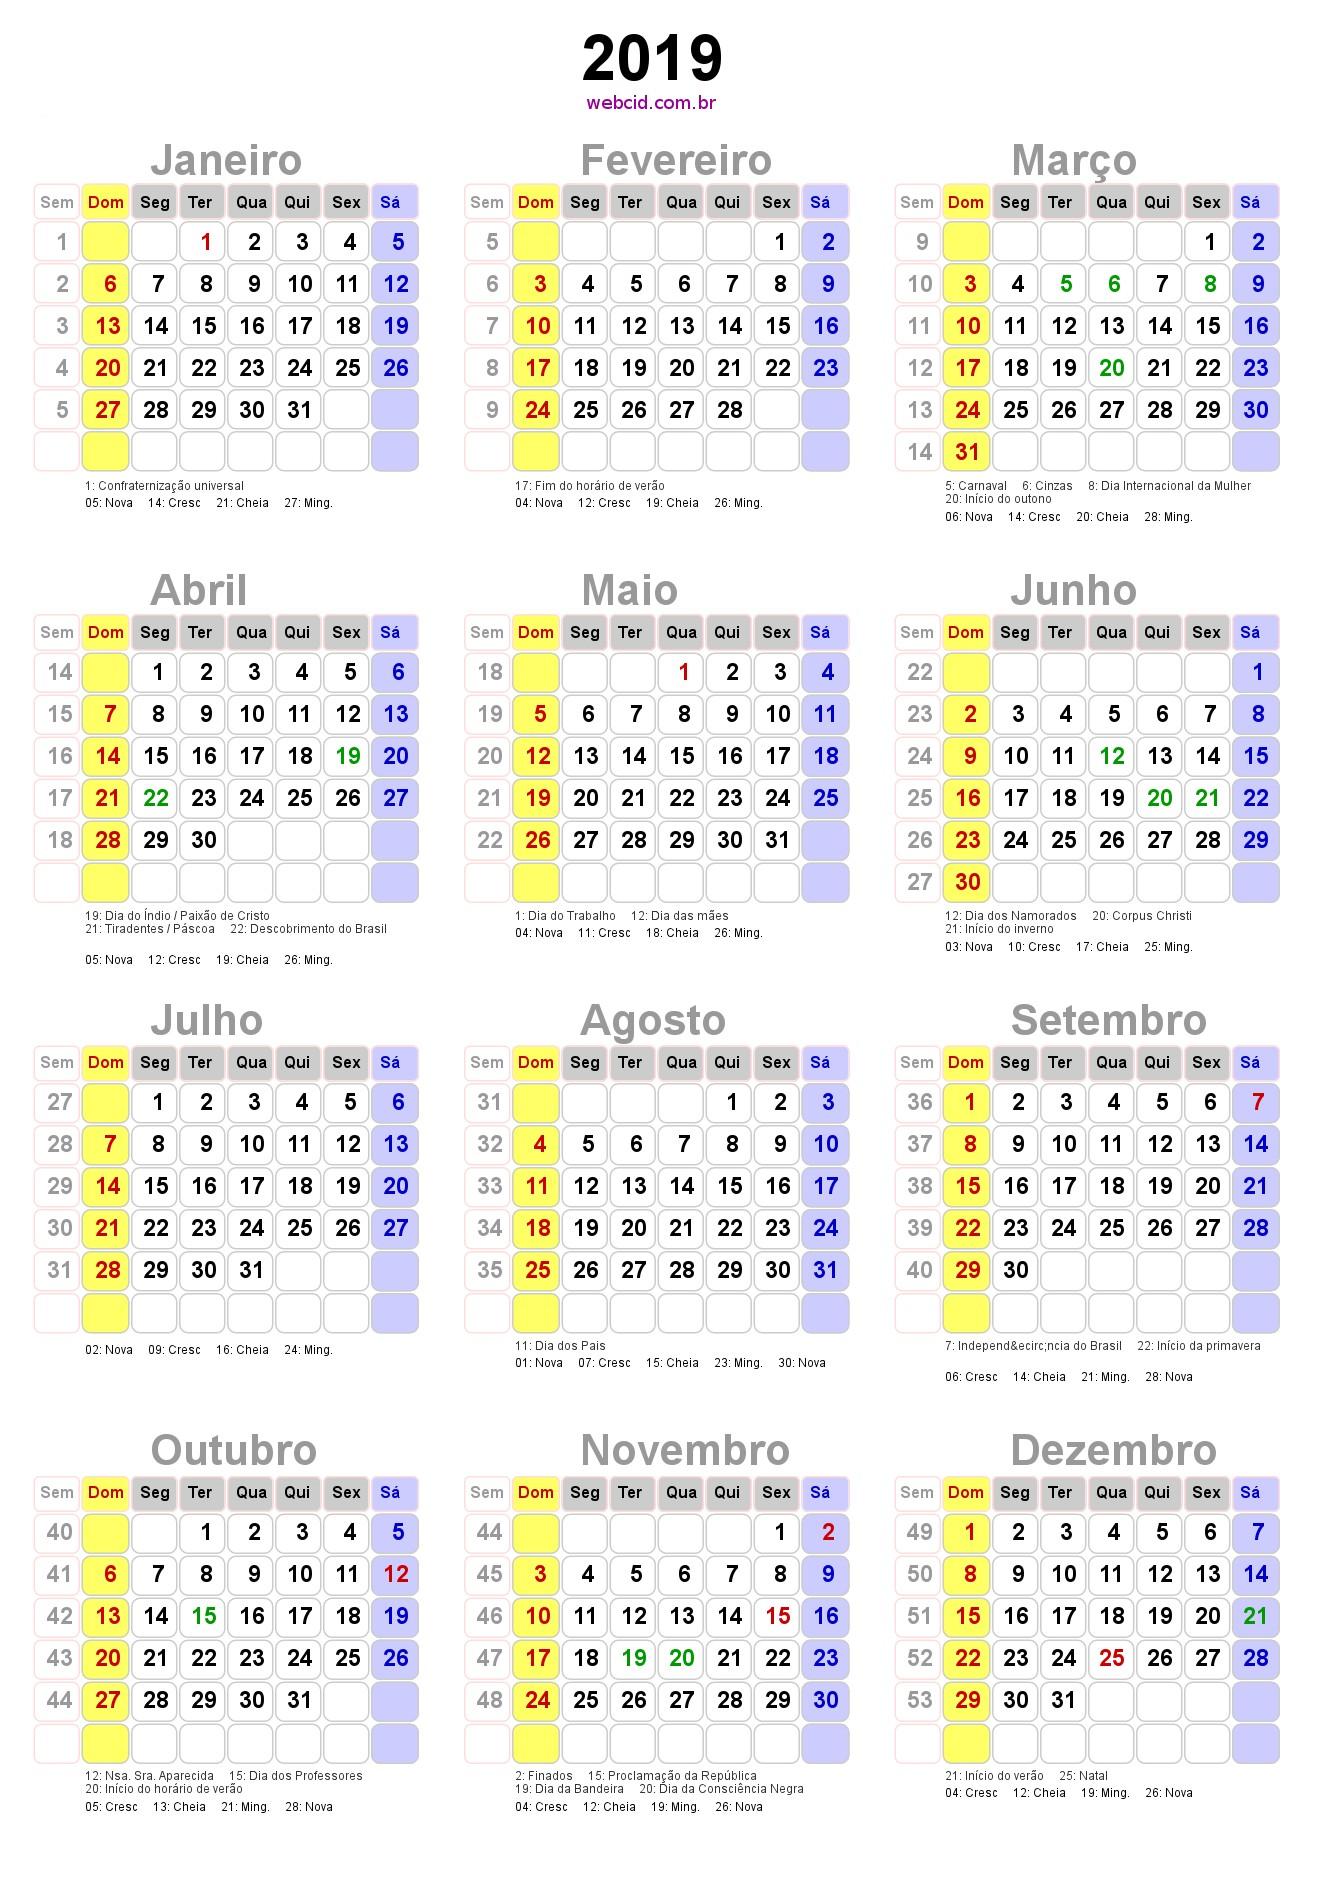 Calendario 2020 Setembro Recientes Calendario 2019 Br Arparis Of Calendario 2020 Setembro Mejores Y Más Novedosos 570 Best Design Calendars & Co Images In 2019